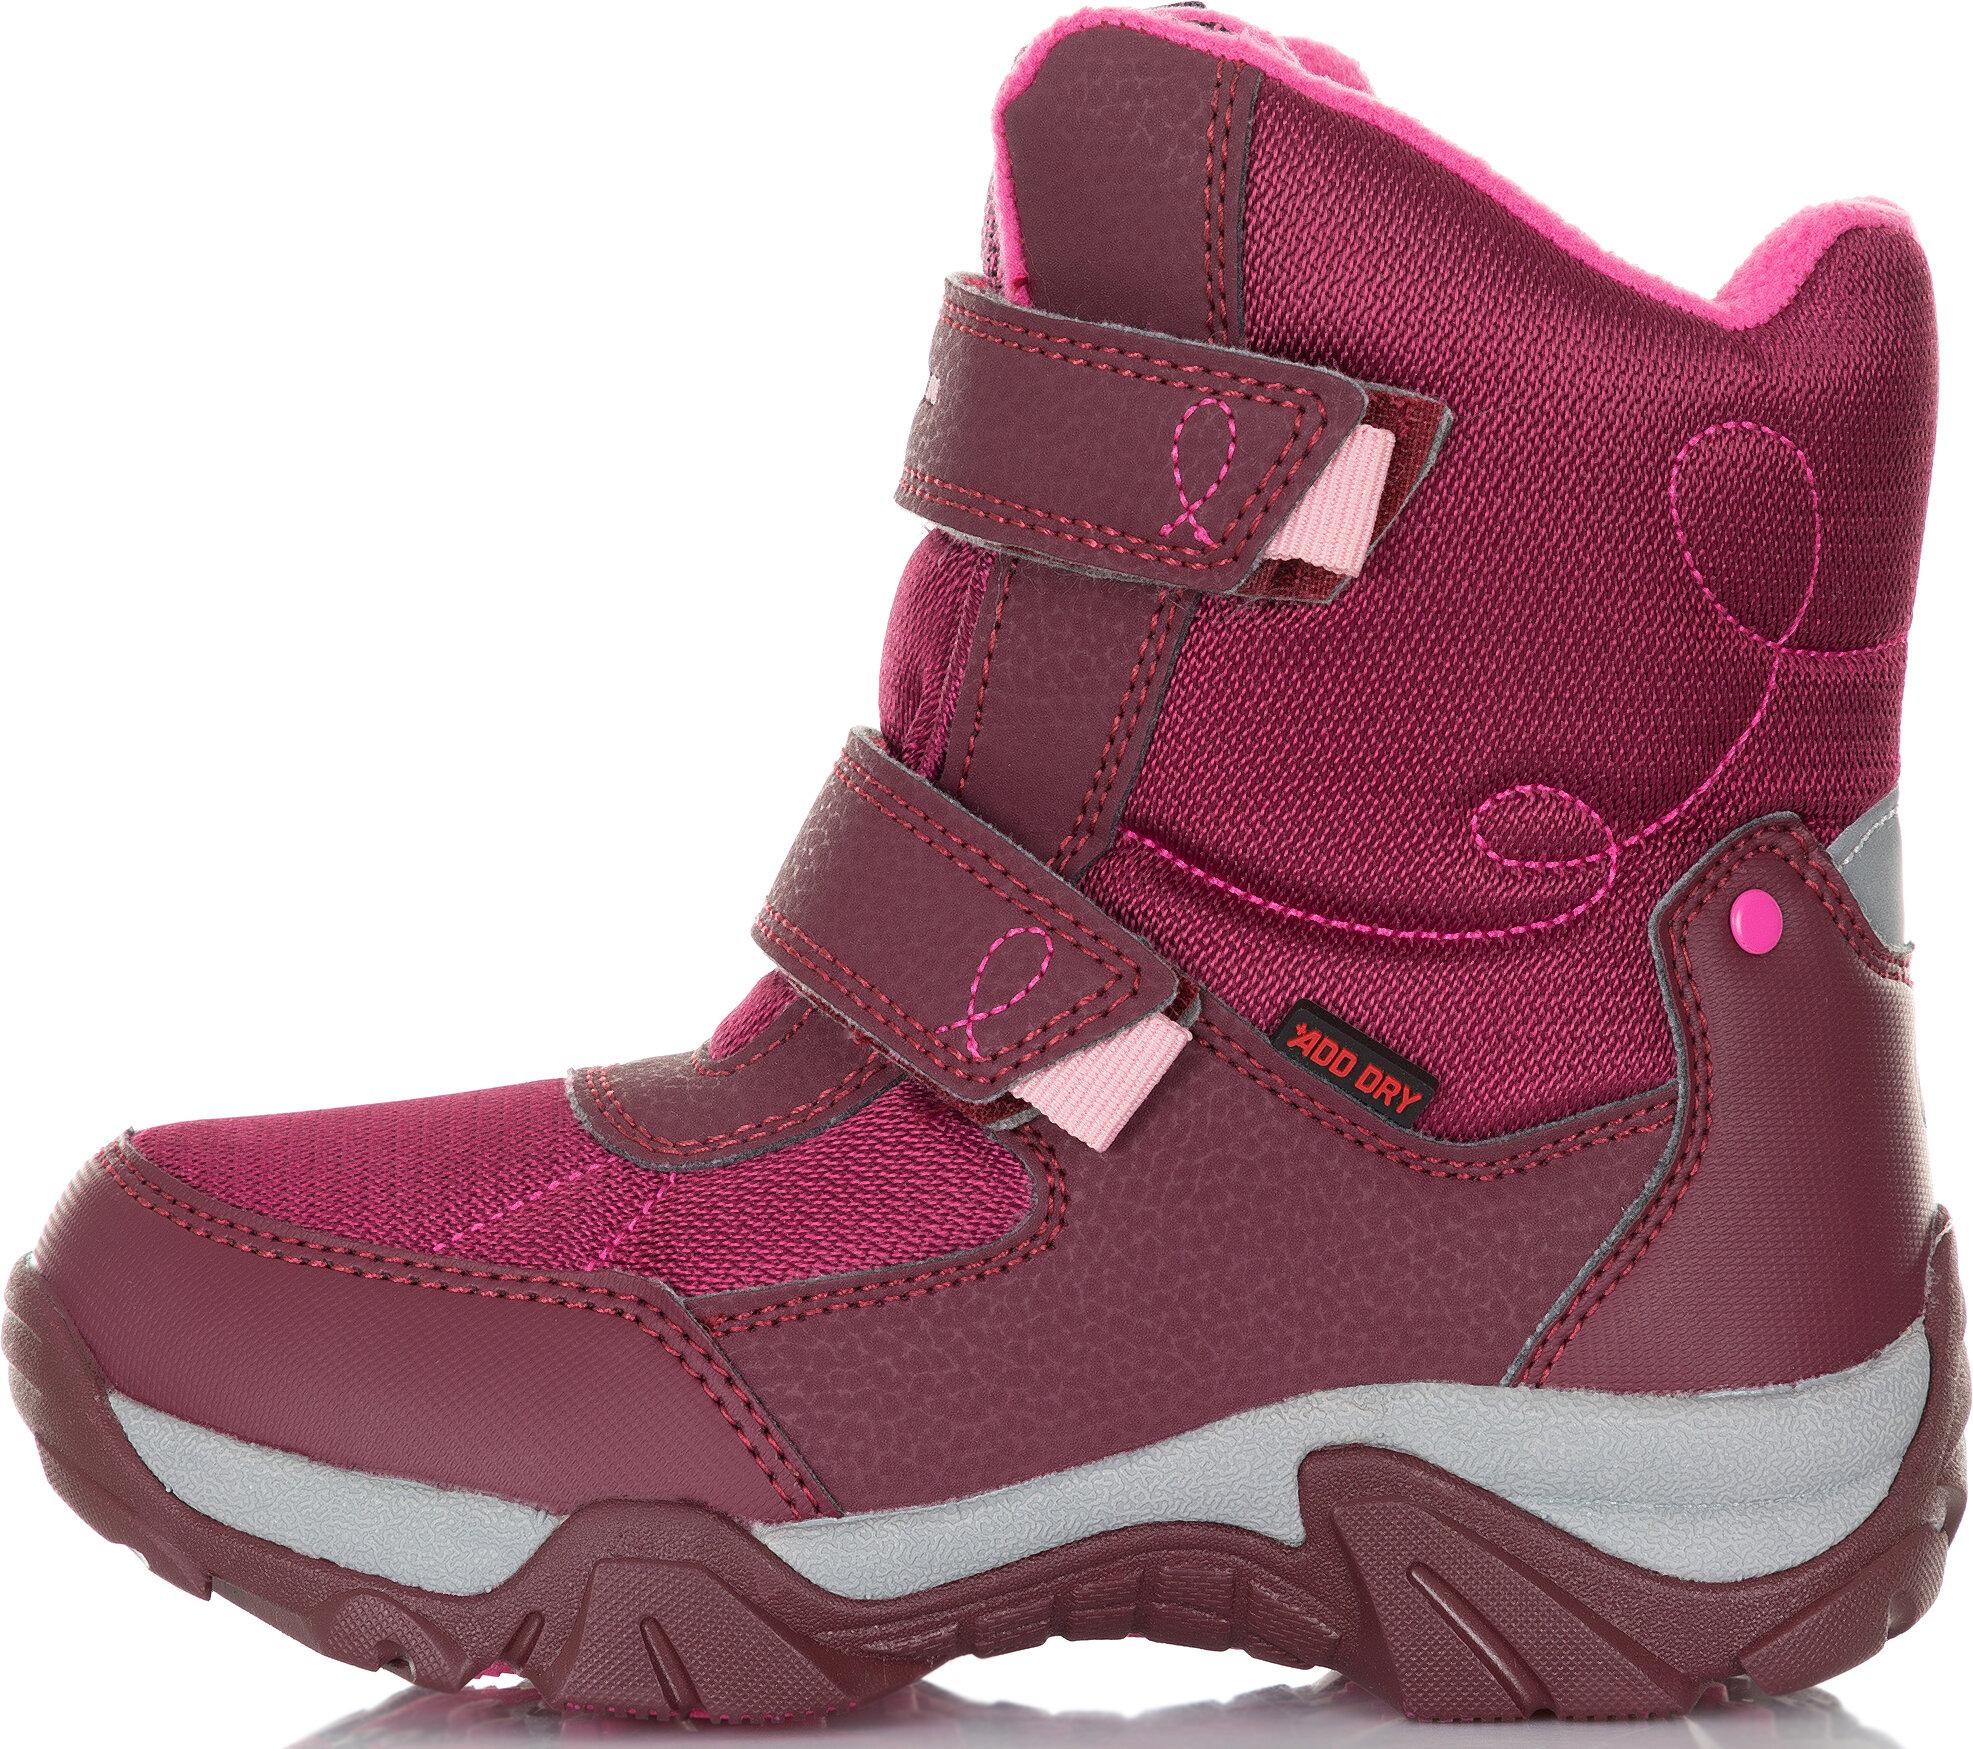 Ботинки утепленные для девочек Outventure Snowbreaker, размер 29